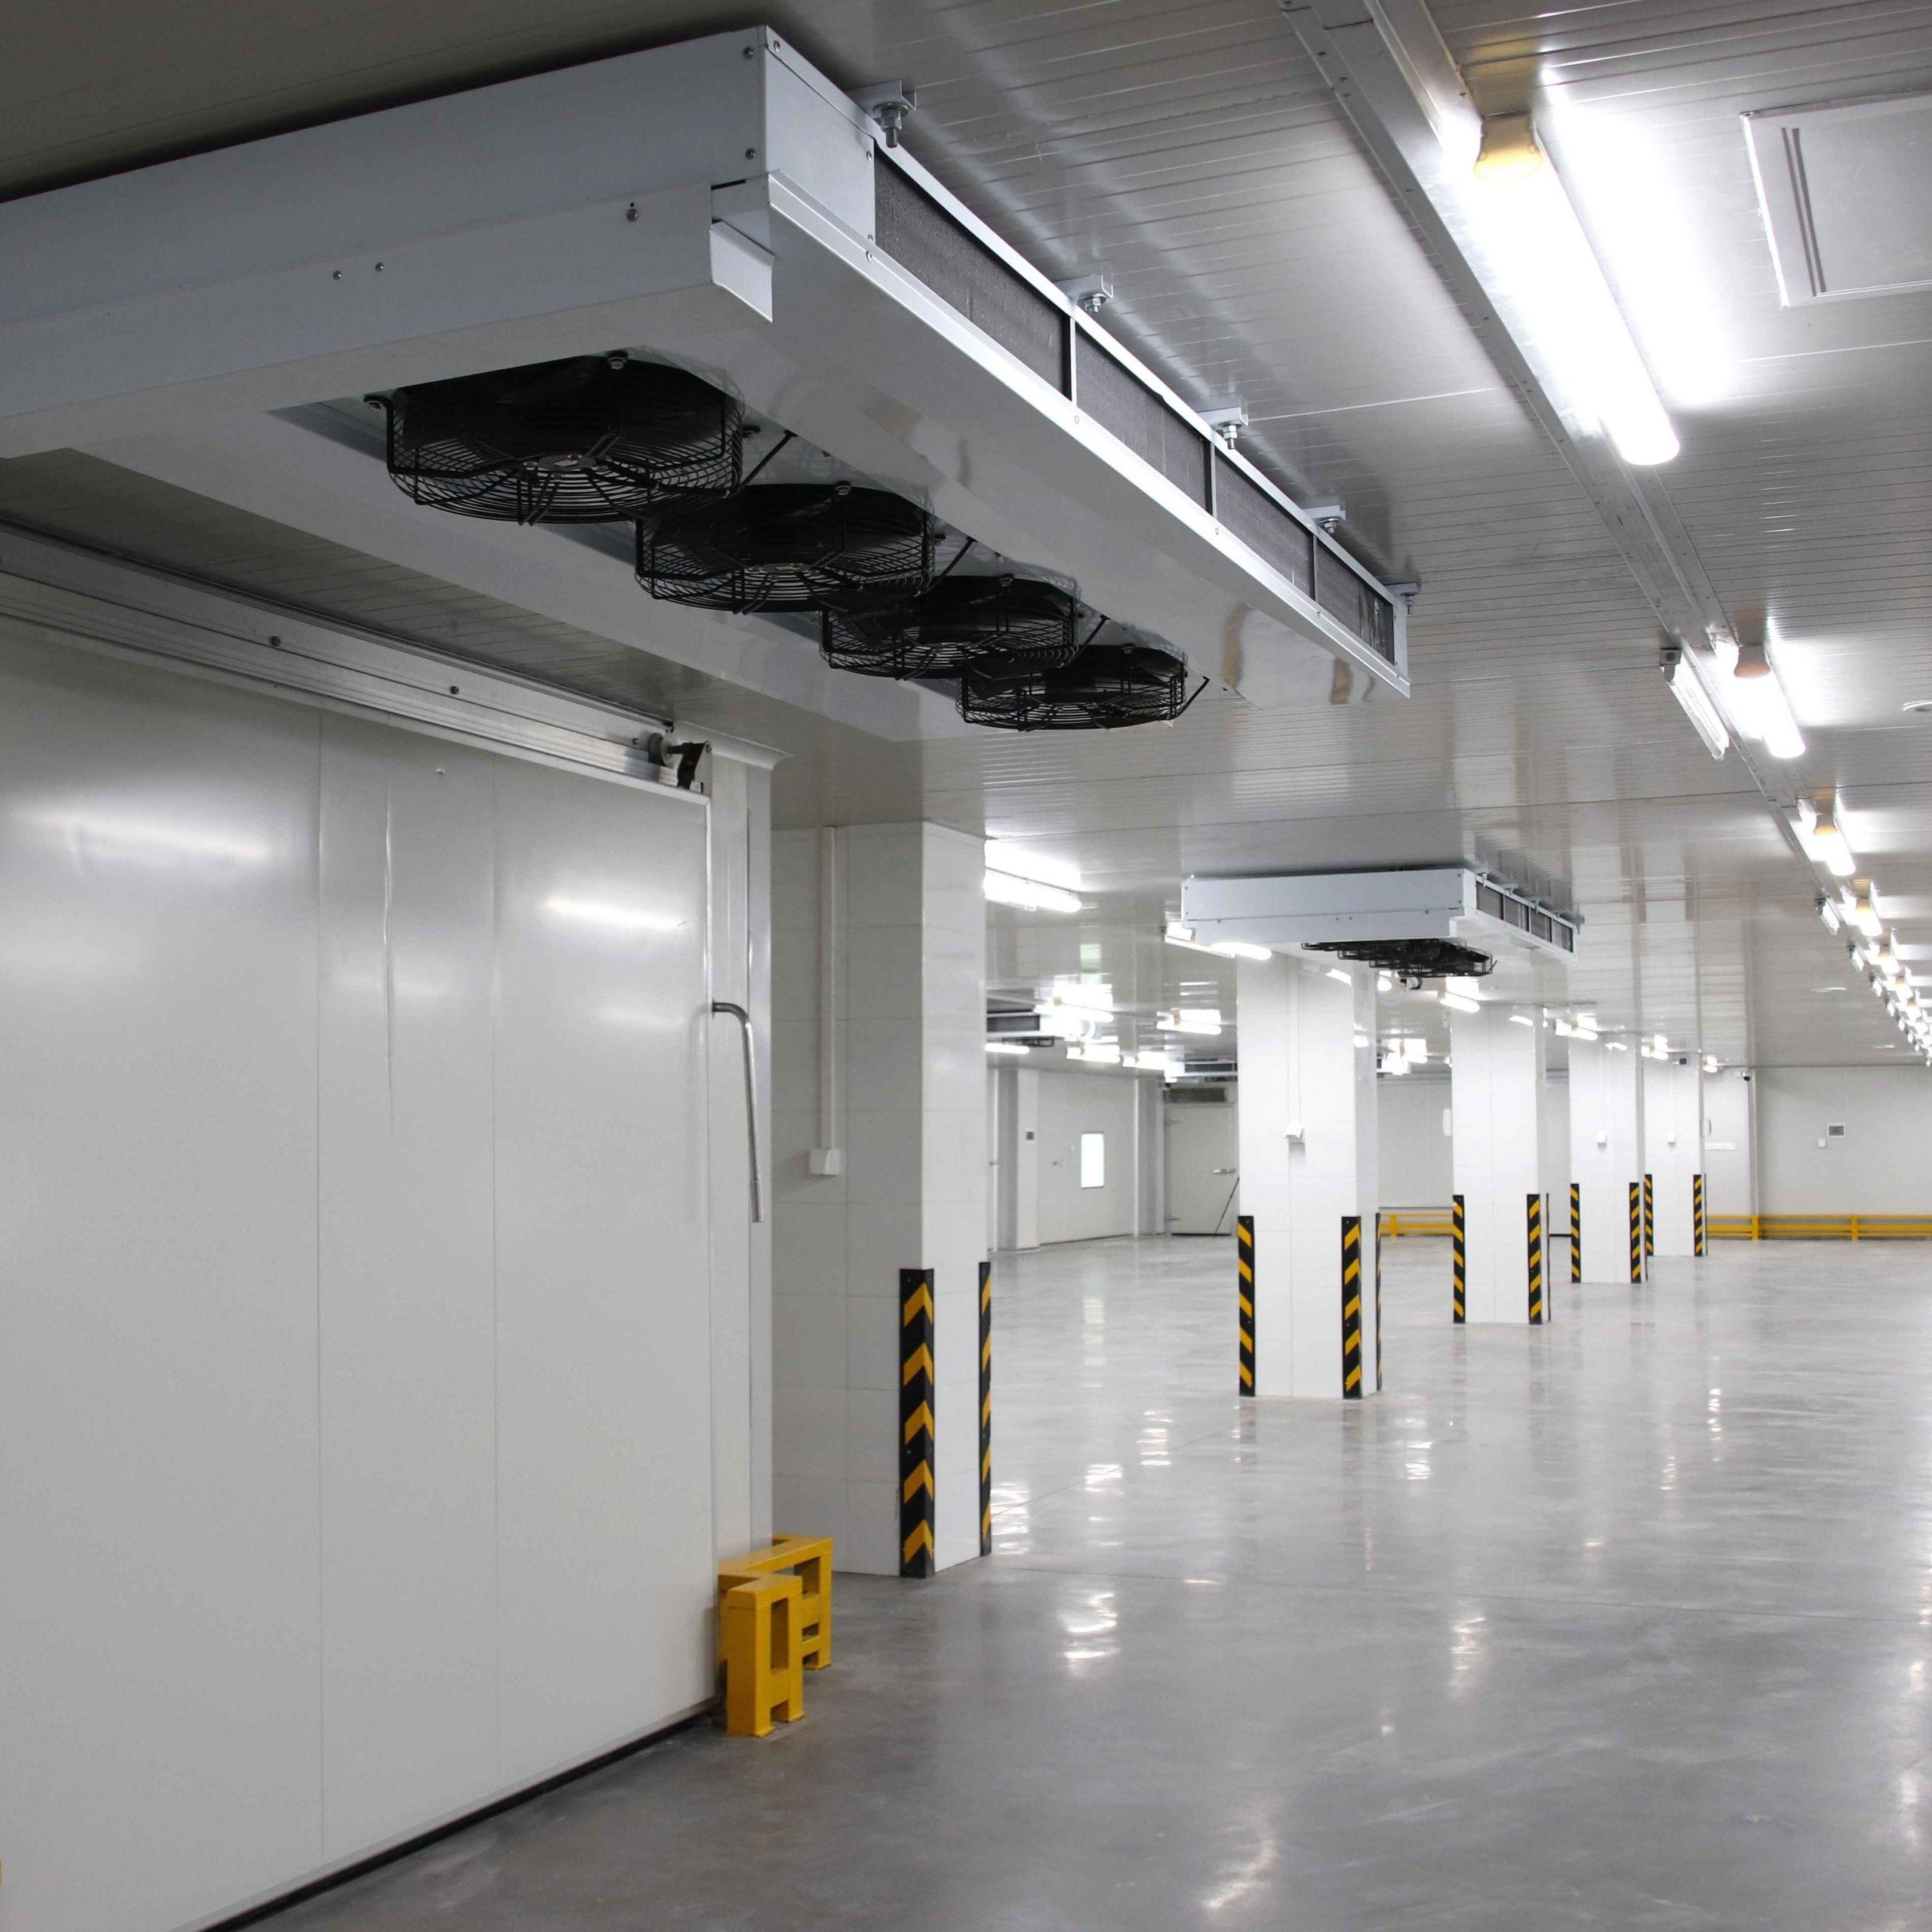 Freezing warehouse